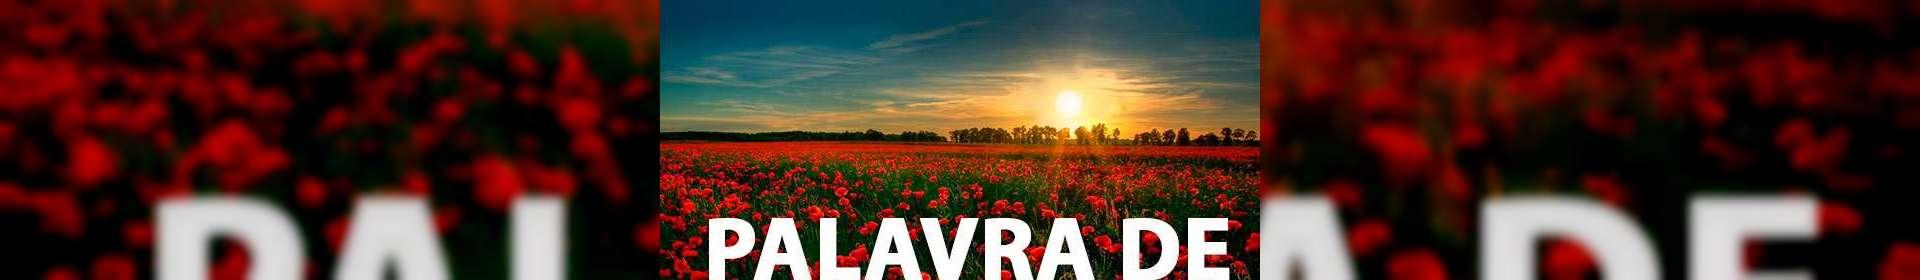 Salmos 80:8 - Uma Palavra de Esperança para sua vida